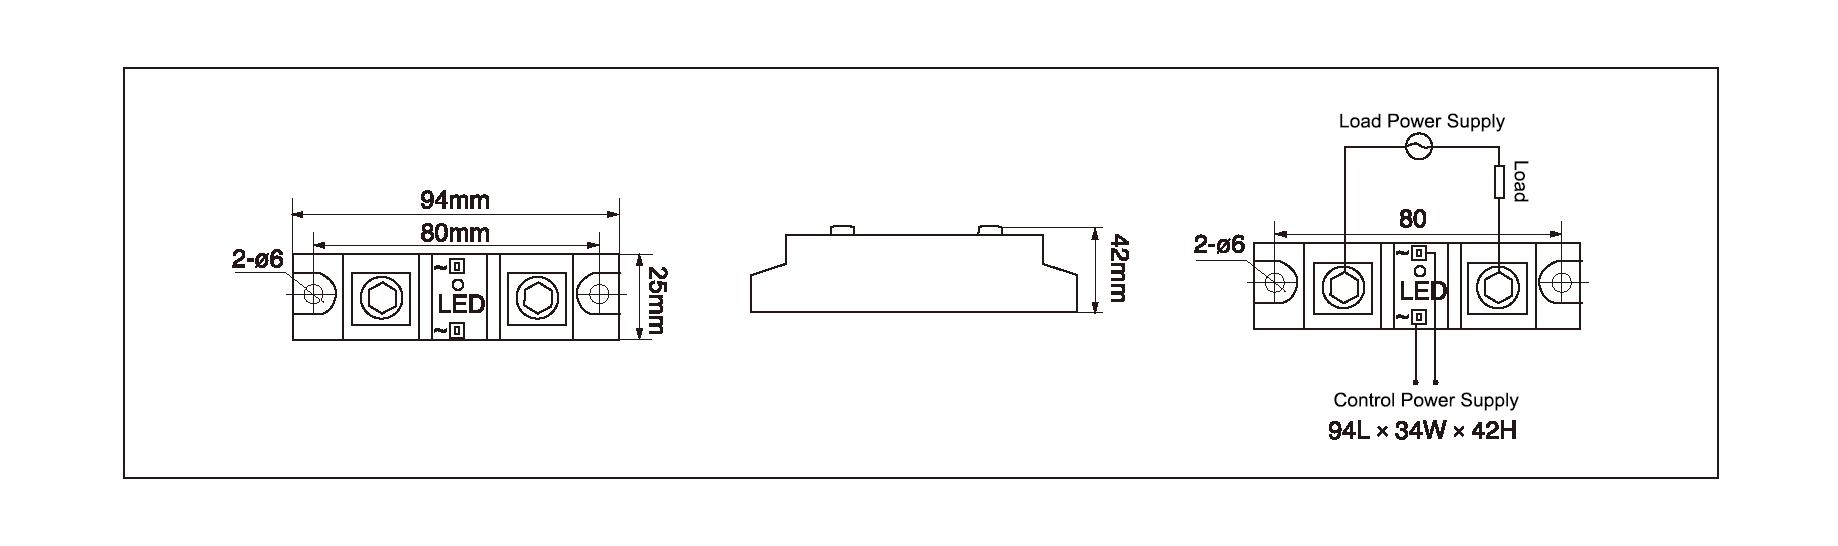 MGR-AH3100Z Huimu diagram